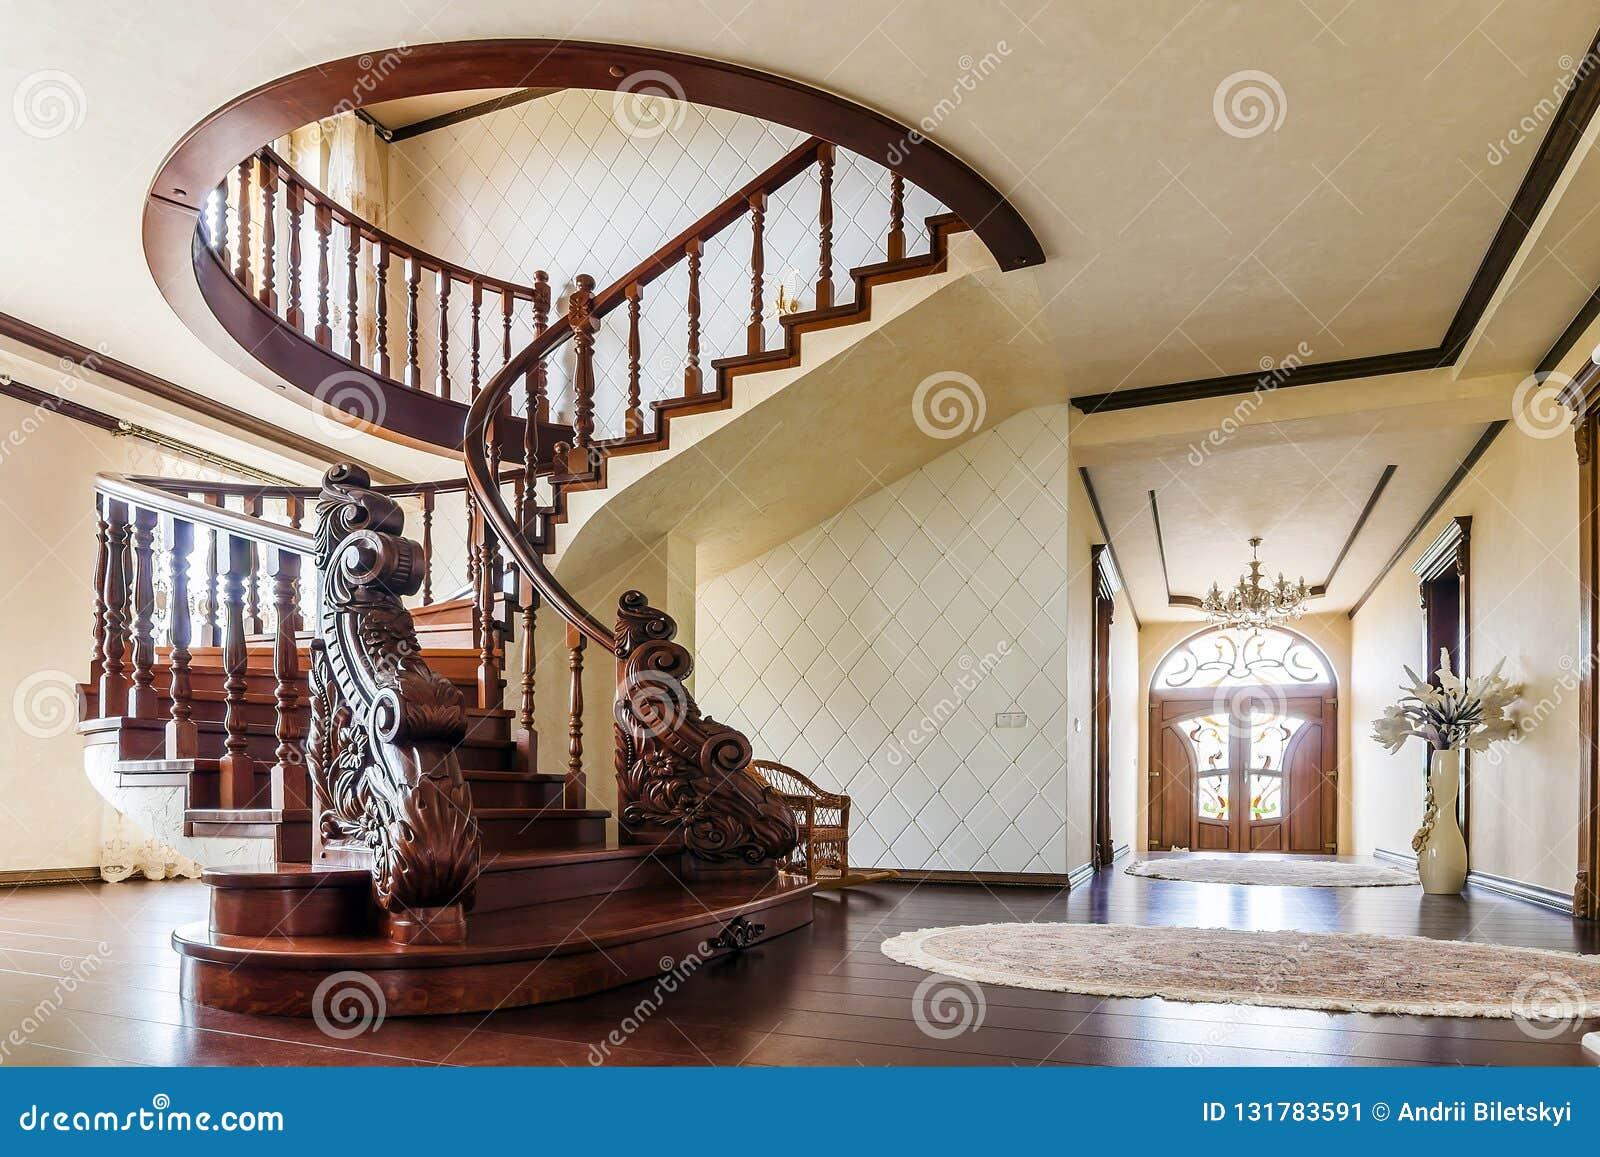 Fotos de interiores casas modernas con escaleras home plan for Interior de la casa de madera moderna